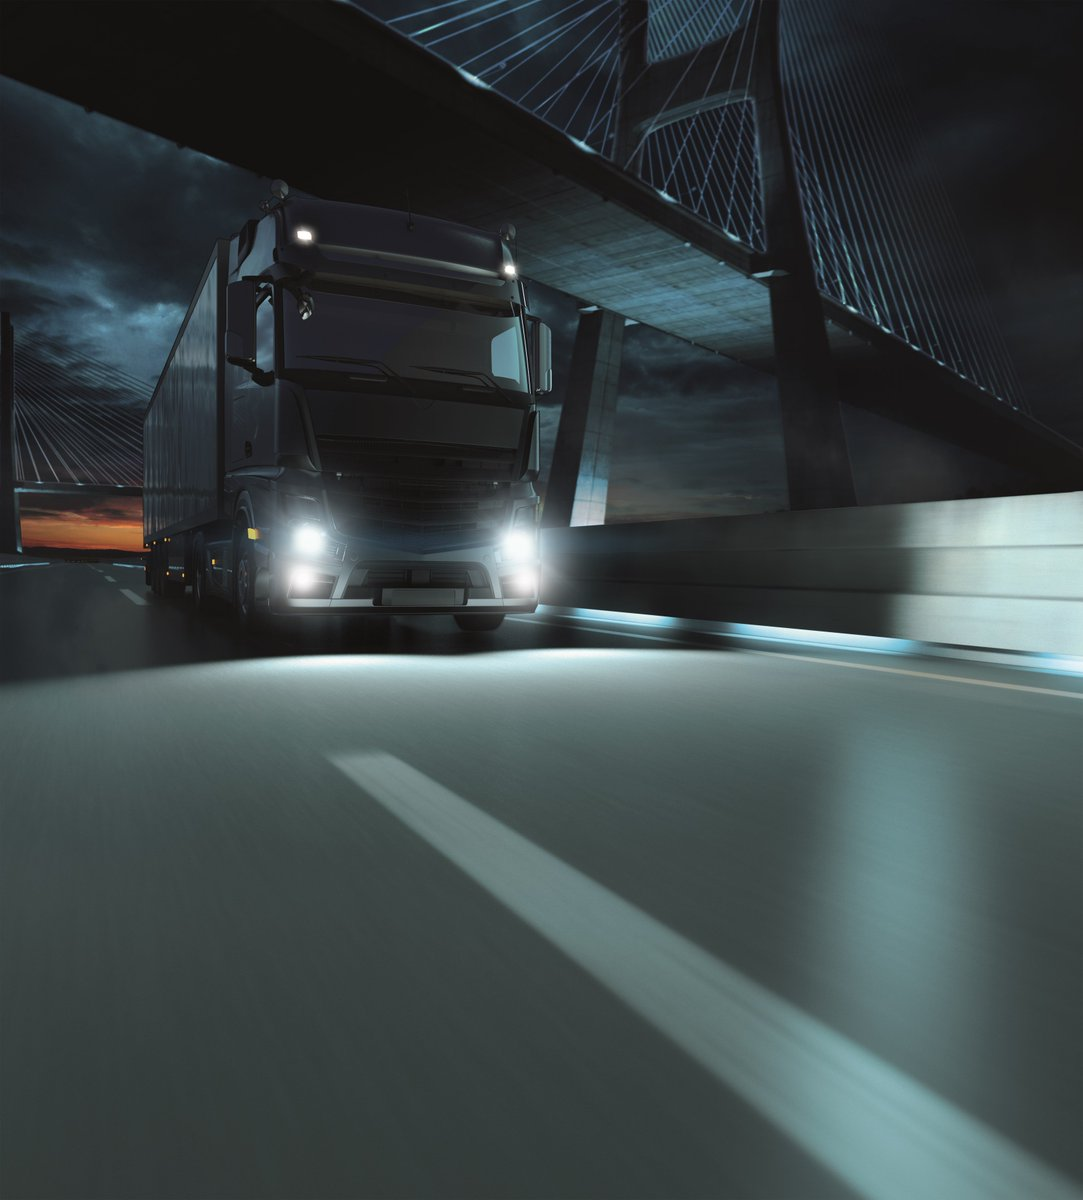 #Transpotec: ..e luce fu a #VeronaFiere: il Padiglione 10 s&#39;illumina con le novità a #LED di #OsramTruckstar |  http://www. veicolidalavoro.it/novita-led-osr am-truckstar-veronafiere/ &nbsp; … <br>http://pic.twitter.com/r9W9nQwTZ1